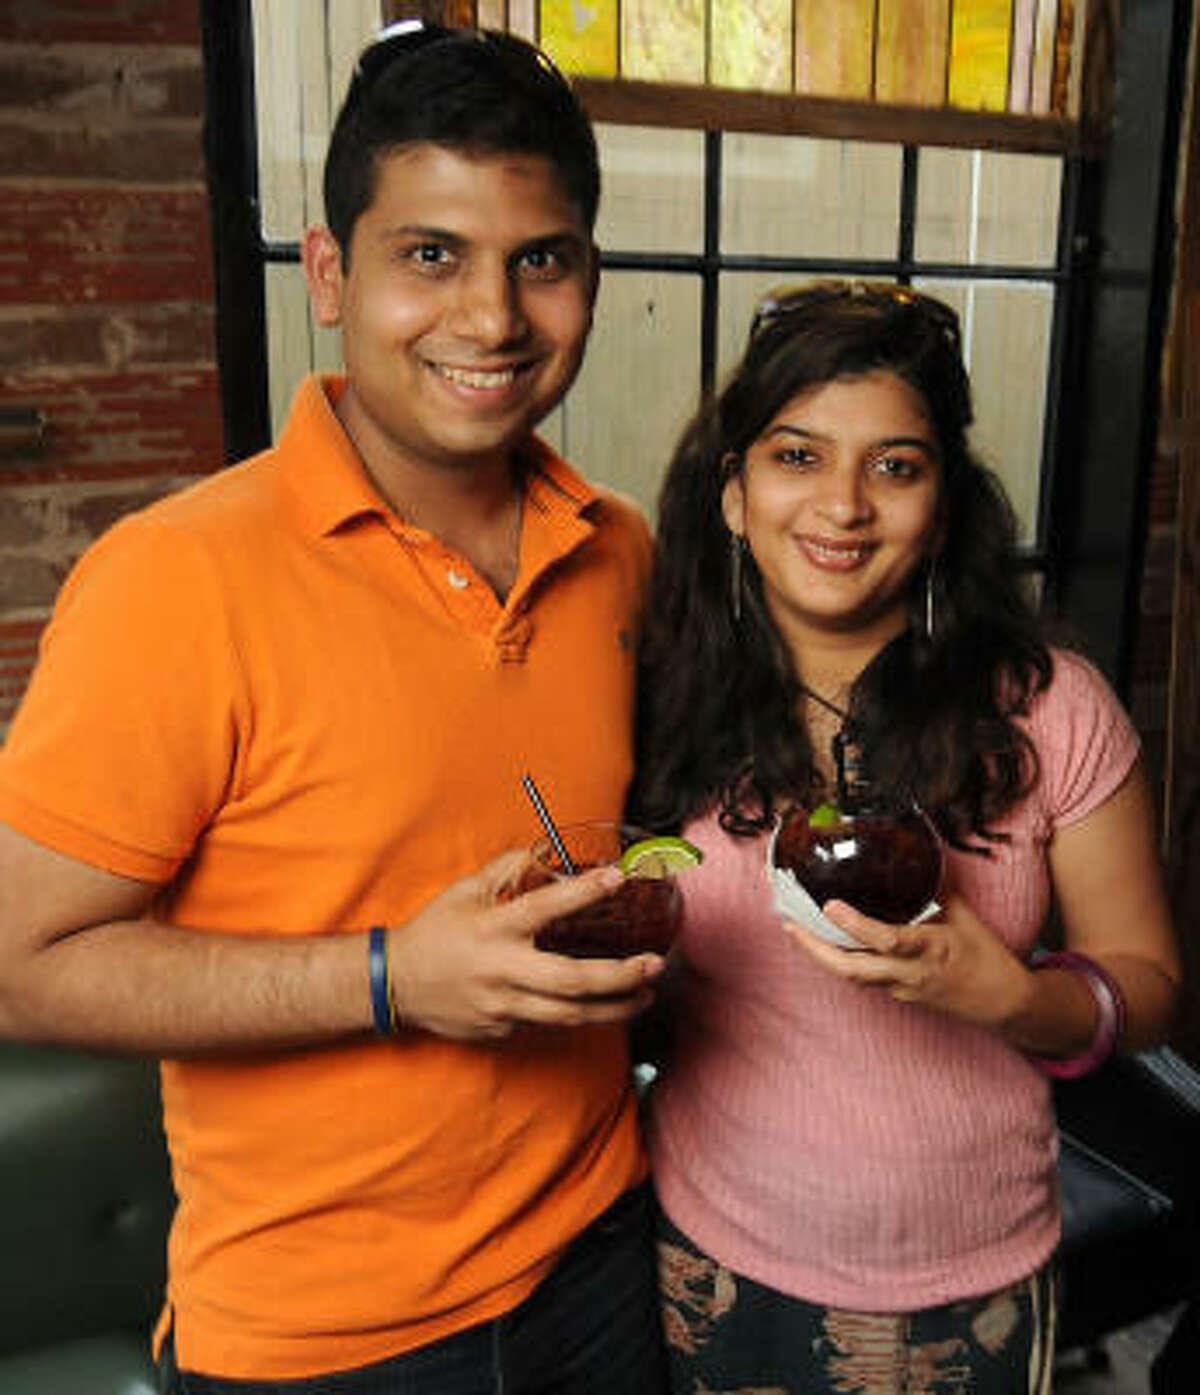 Chinar Aphale and Komal Kotwal